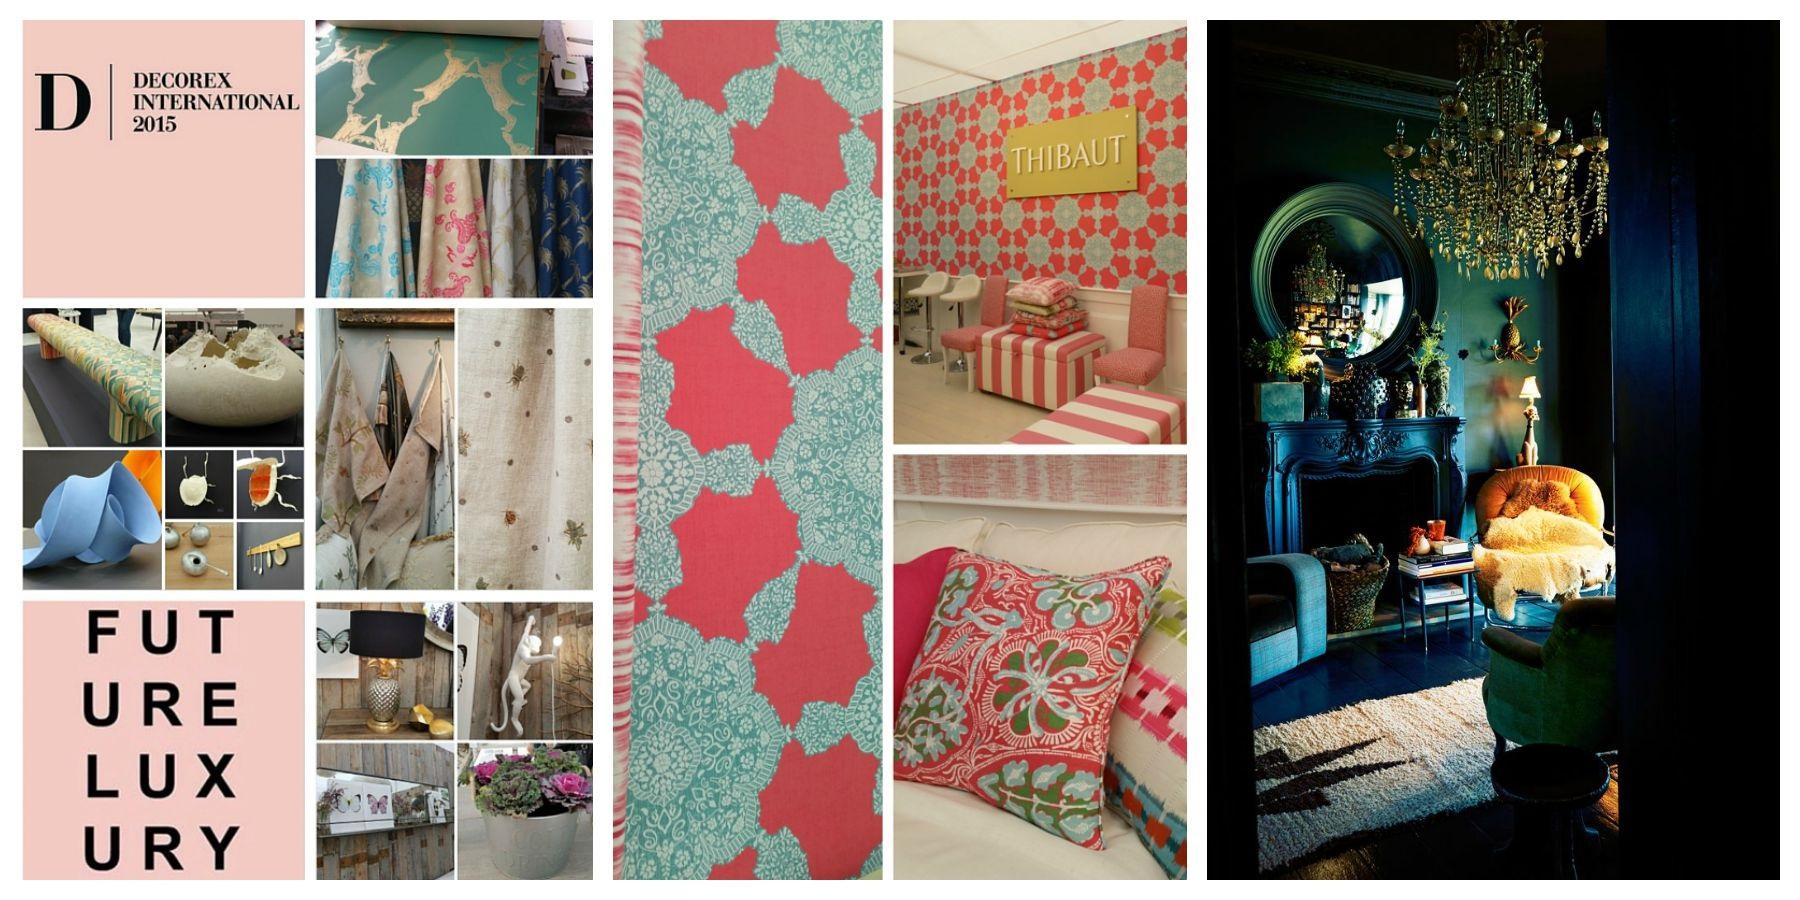 Burlanes At Interior Design Fair Decorex